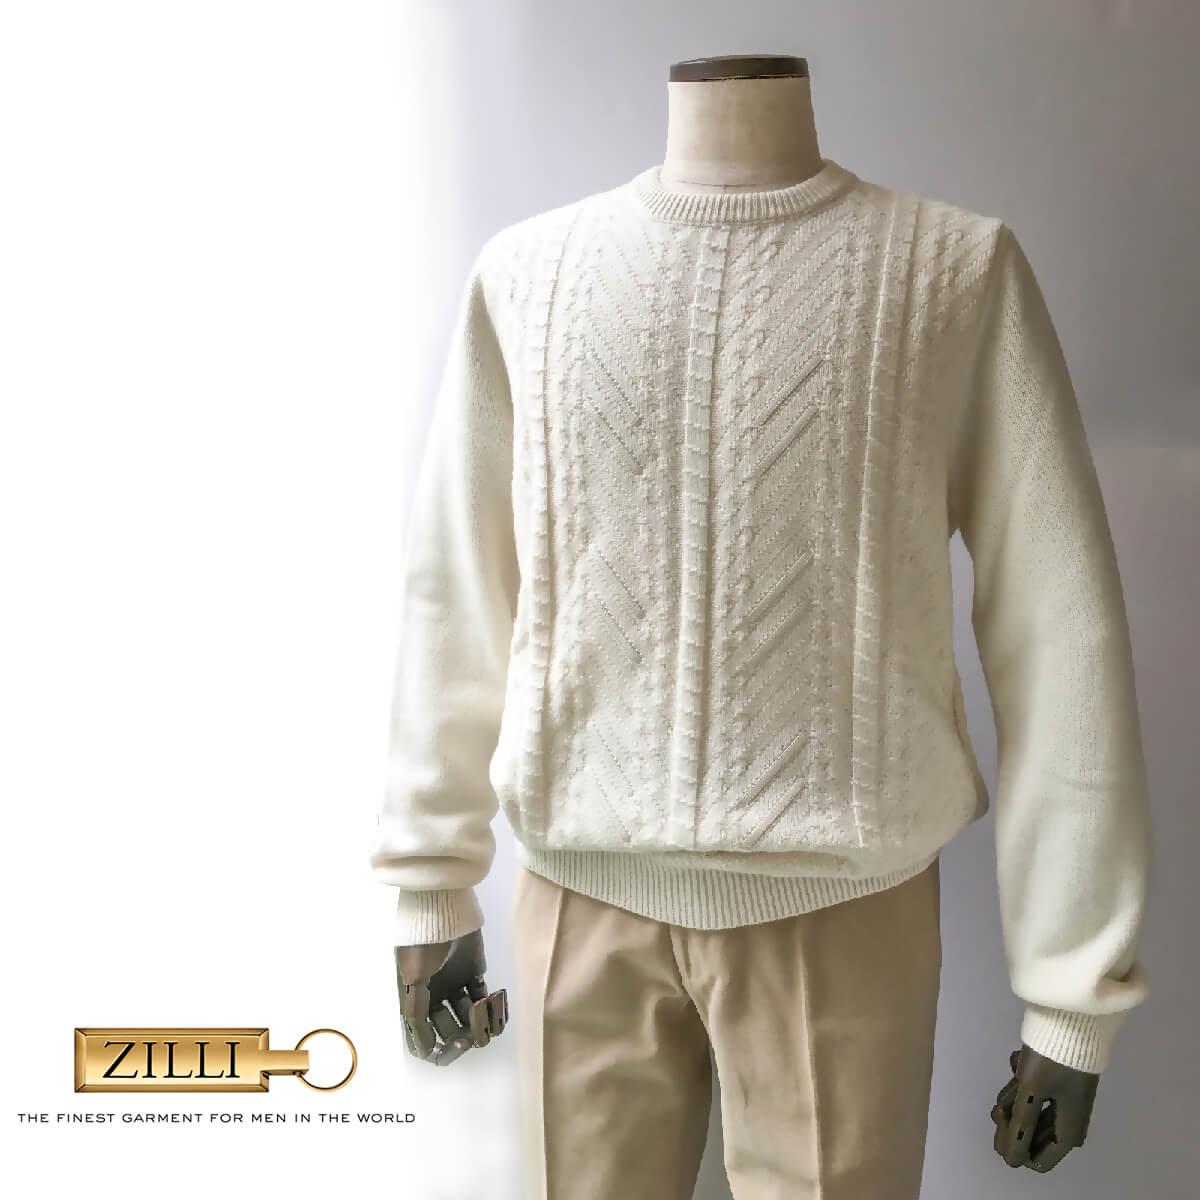 ZILLI (ジリー)ニット セーター メンズ ブランド 高級 ZILLI ジリー カシミヤ レザー